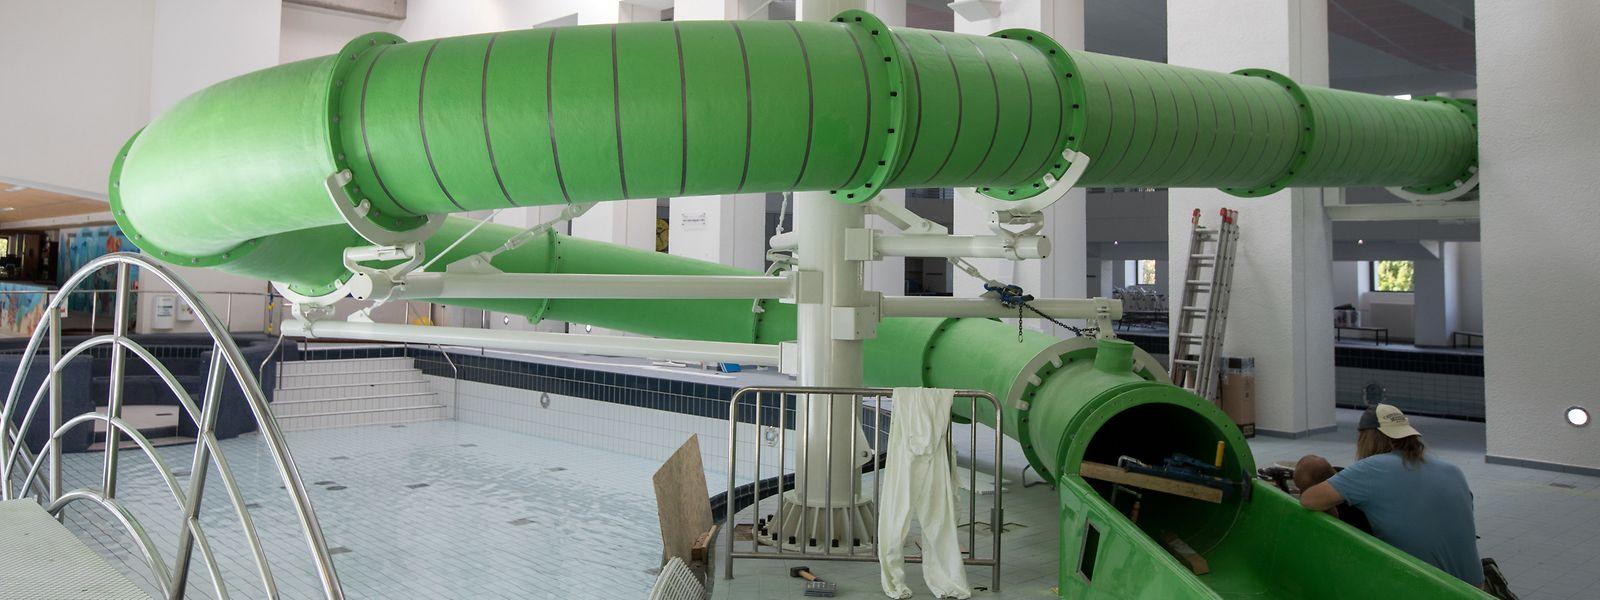 Knapp drei Wochen waren notwendig, um die neue Wasserrutsche zu installieren.